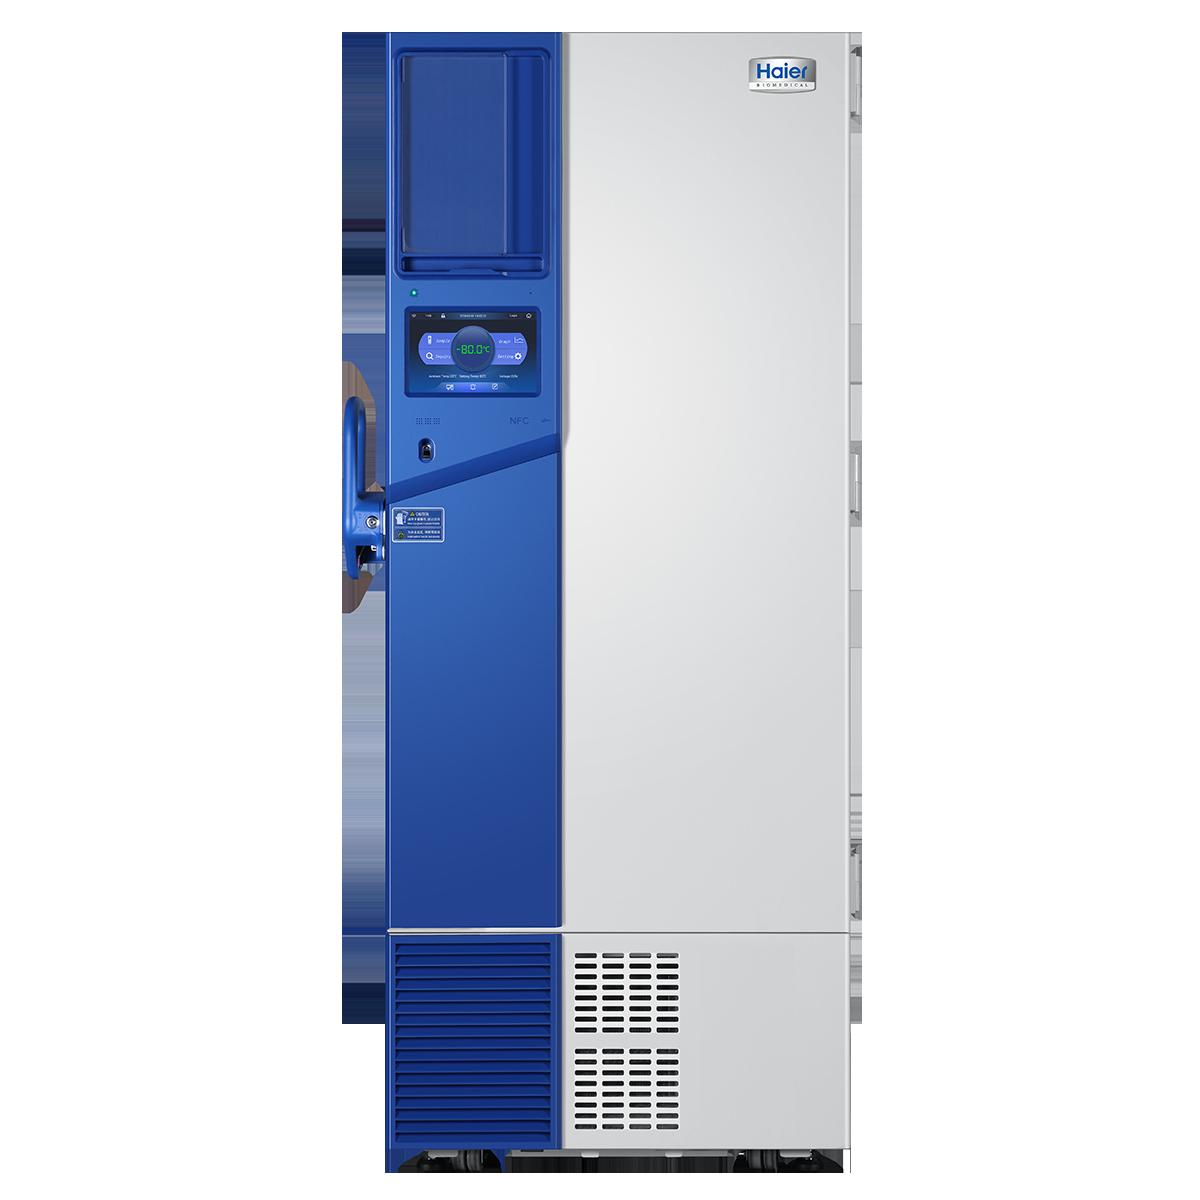 双子芯超低温冰箱DW-86L578S